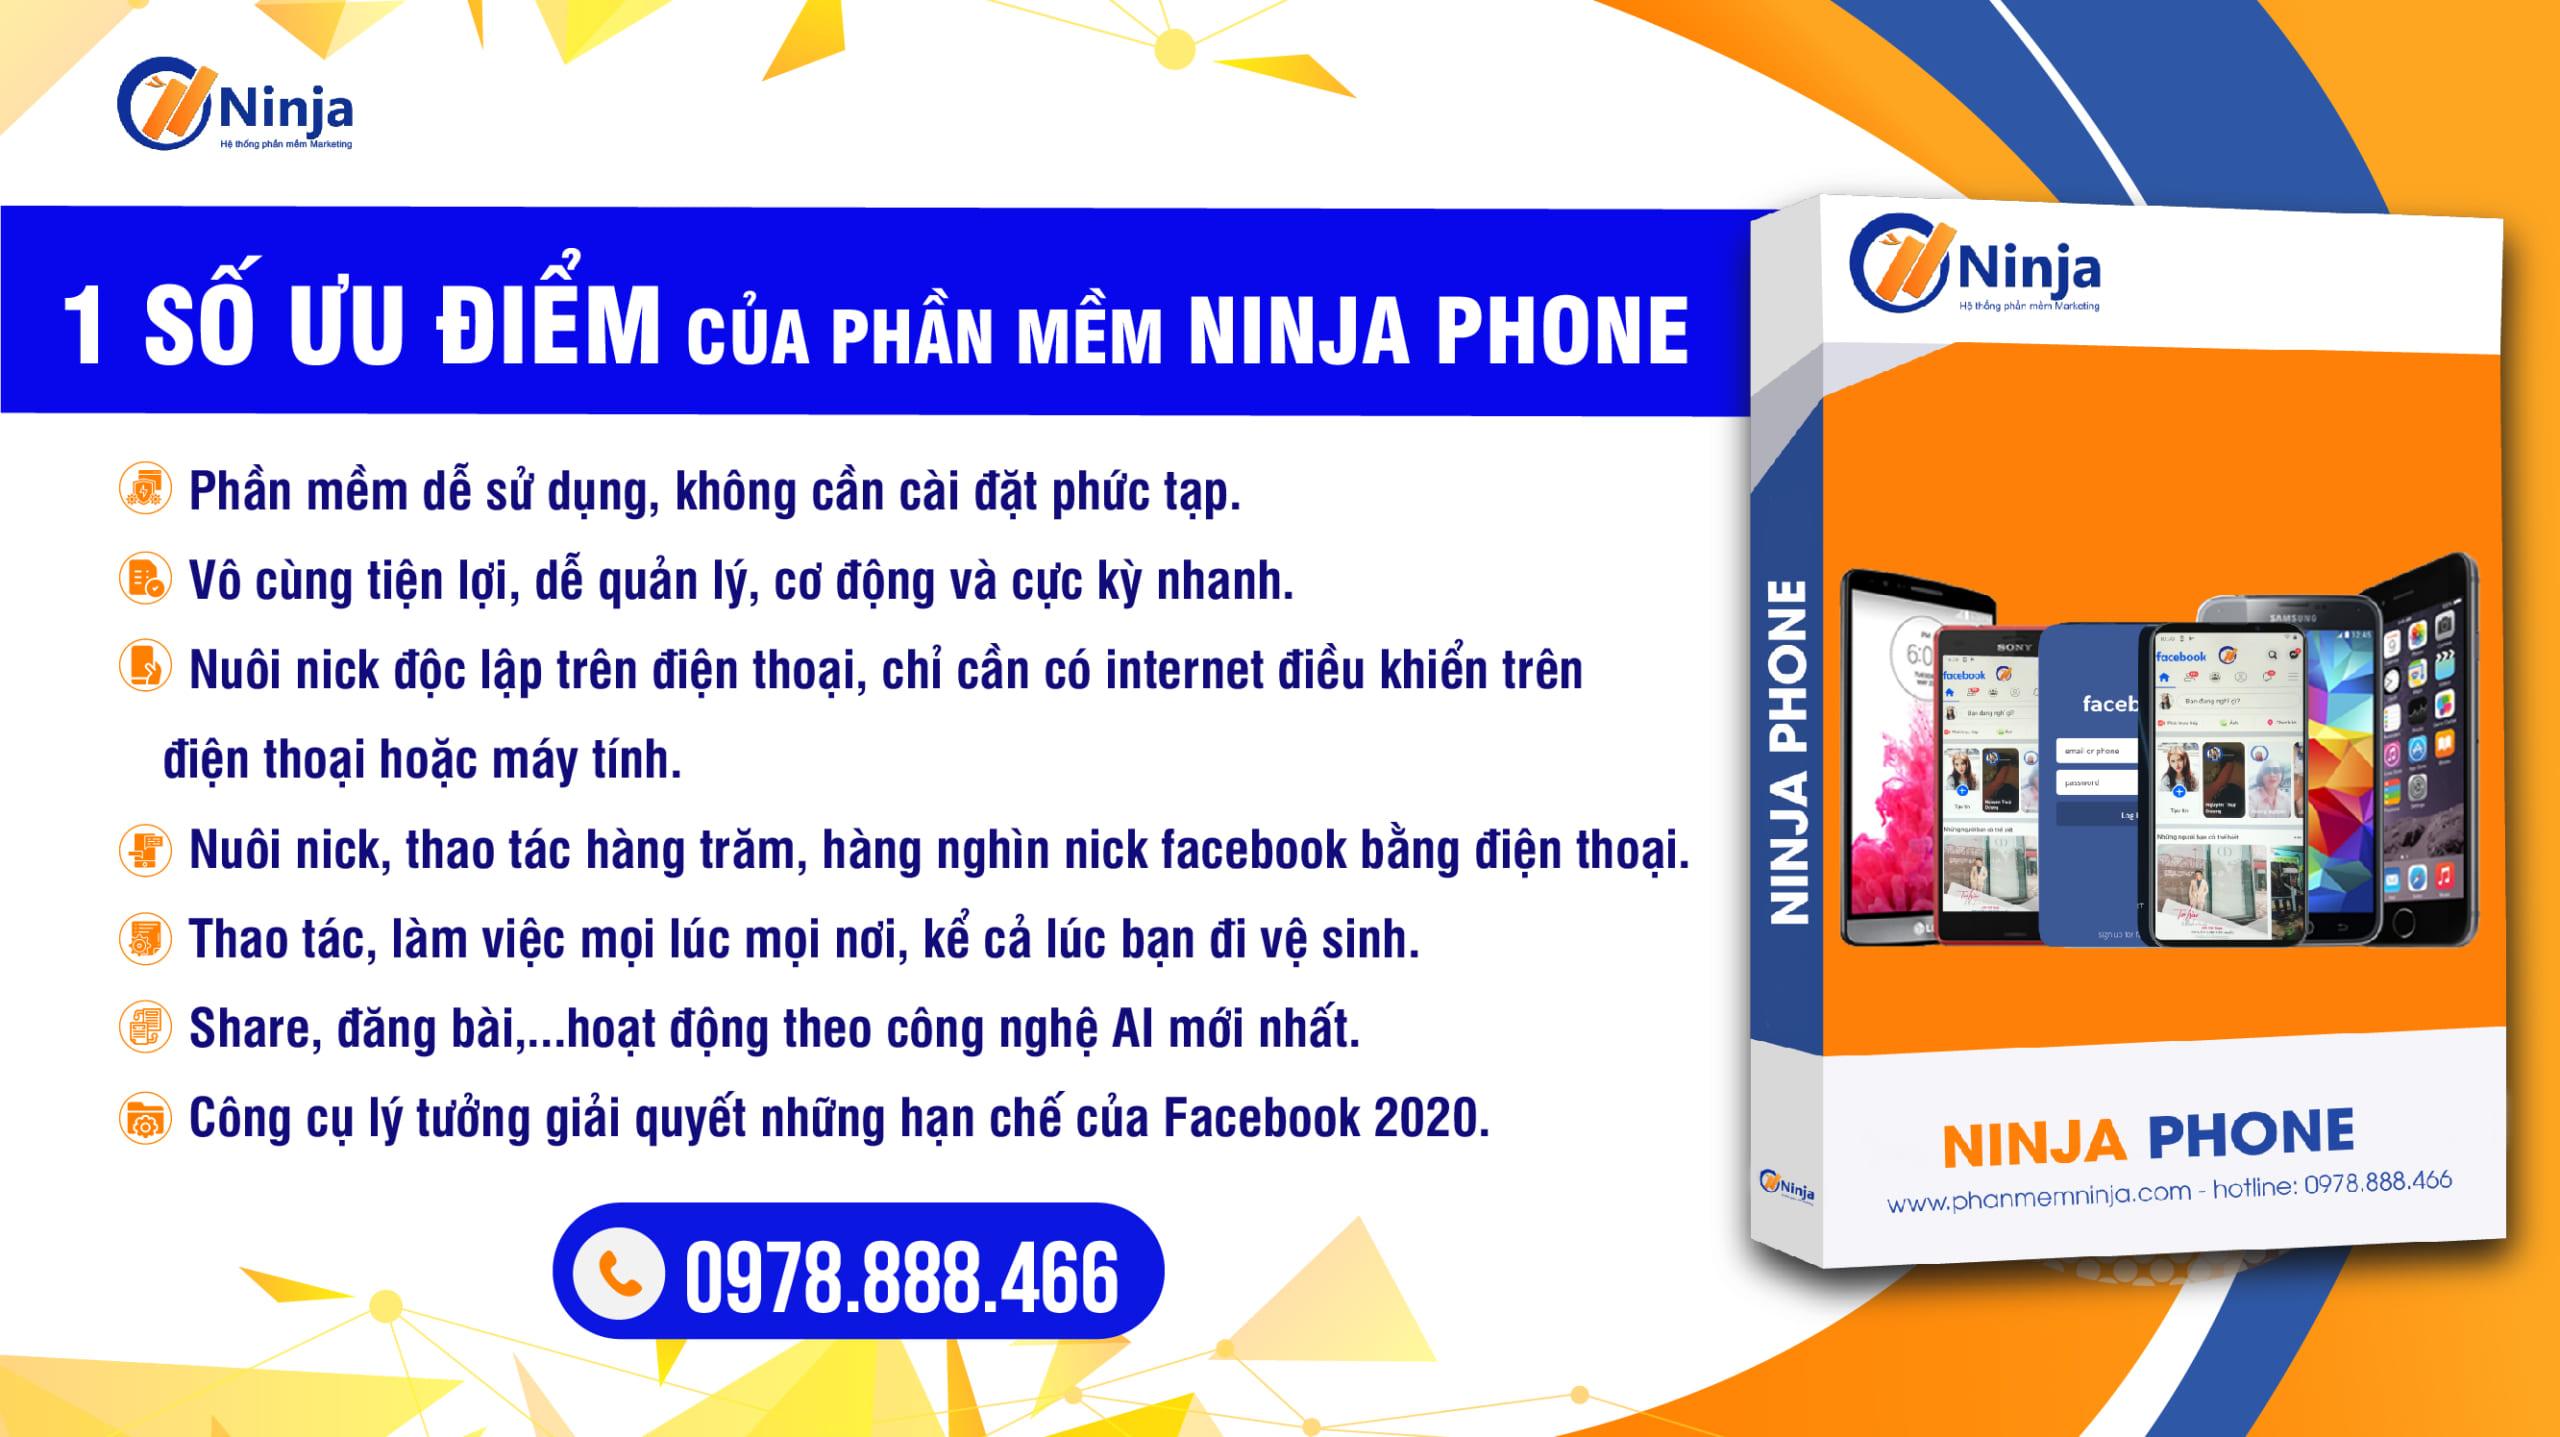 ninja phone scaled Cách thêm tài khoản vào công cụ nuôi nick điện thoại Ninja Phone